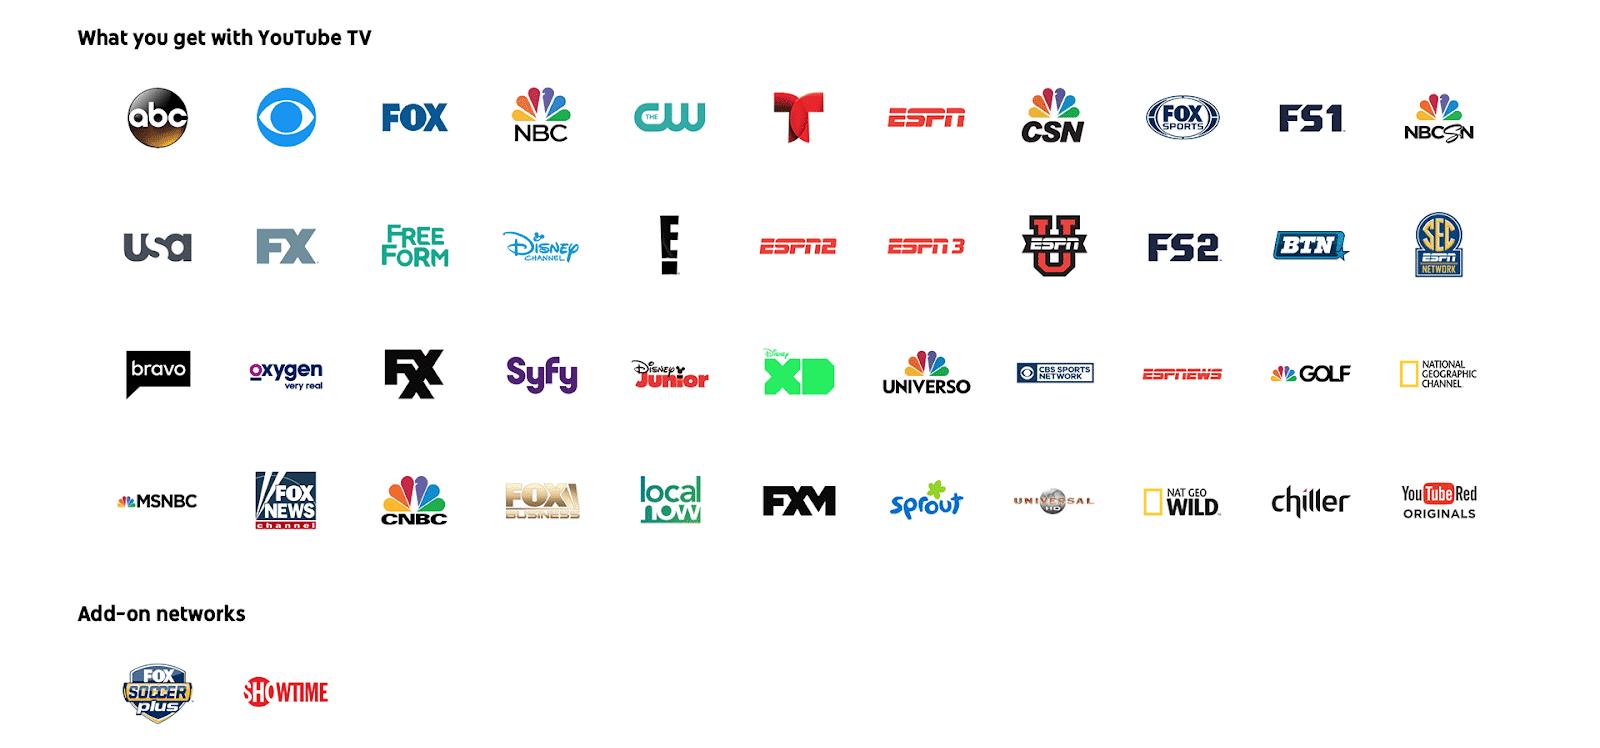 Los canales de YouTube TV